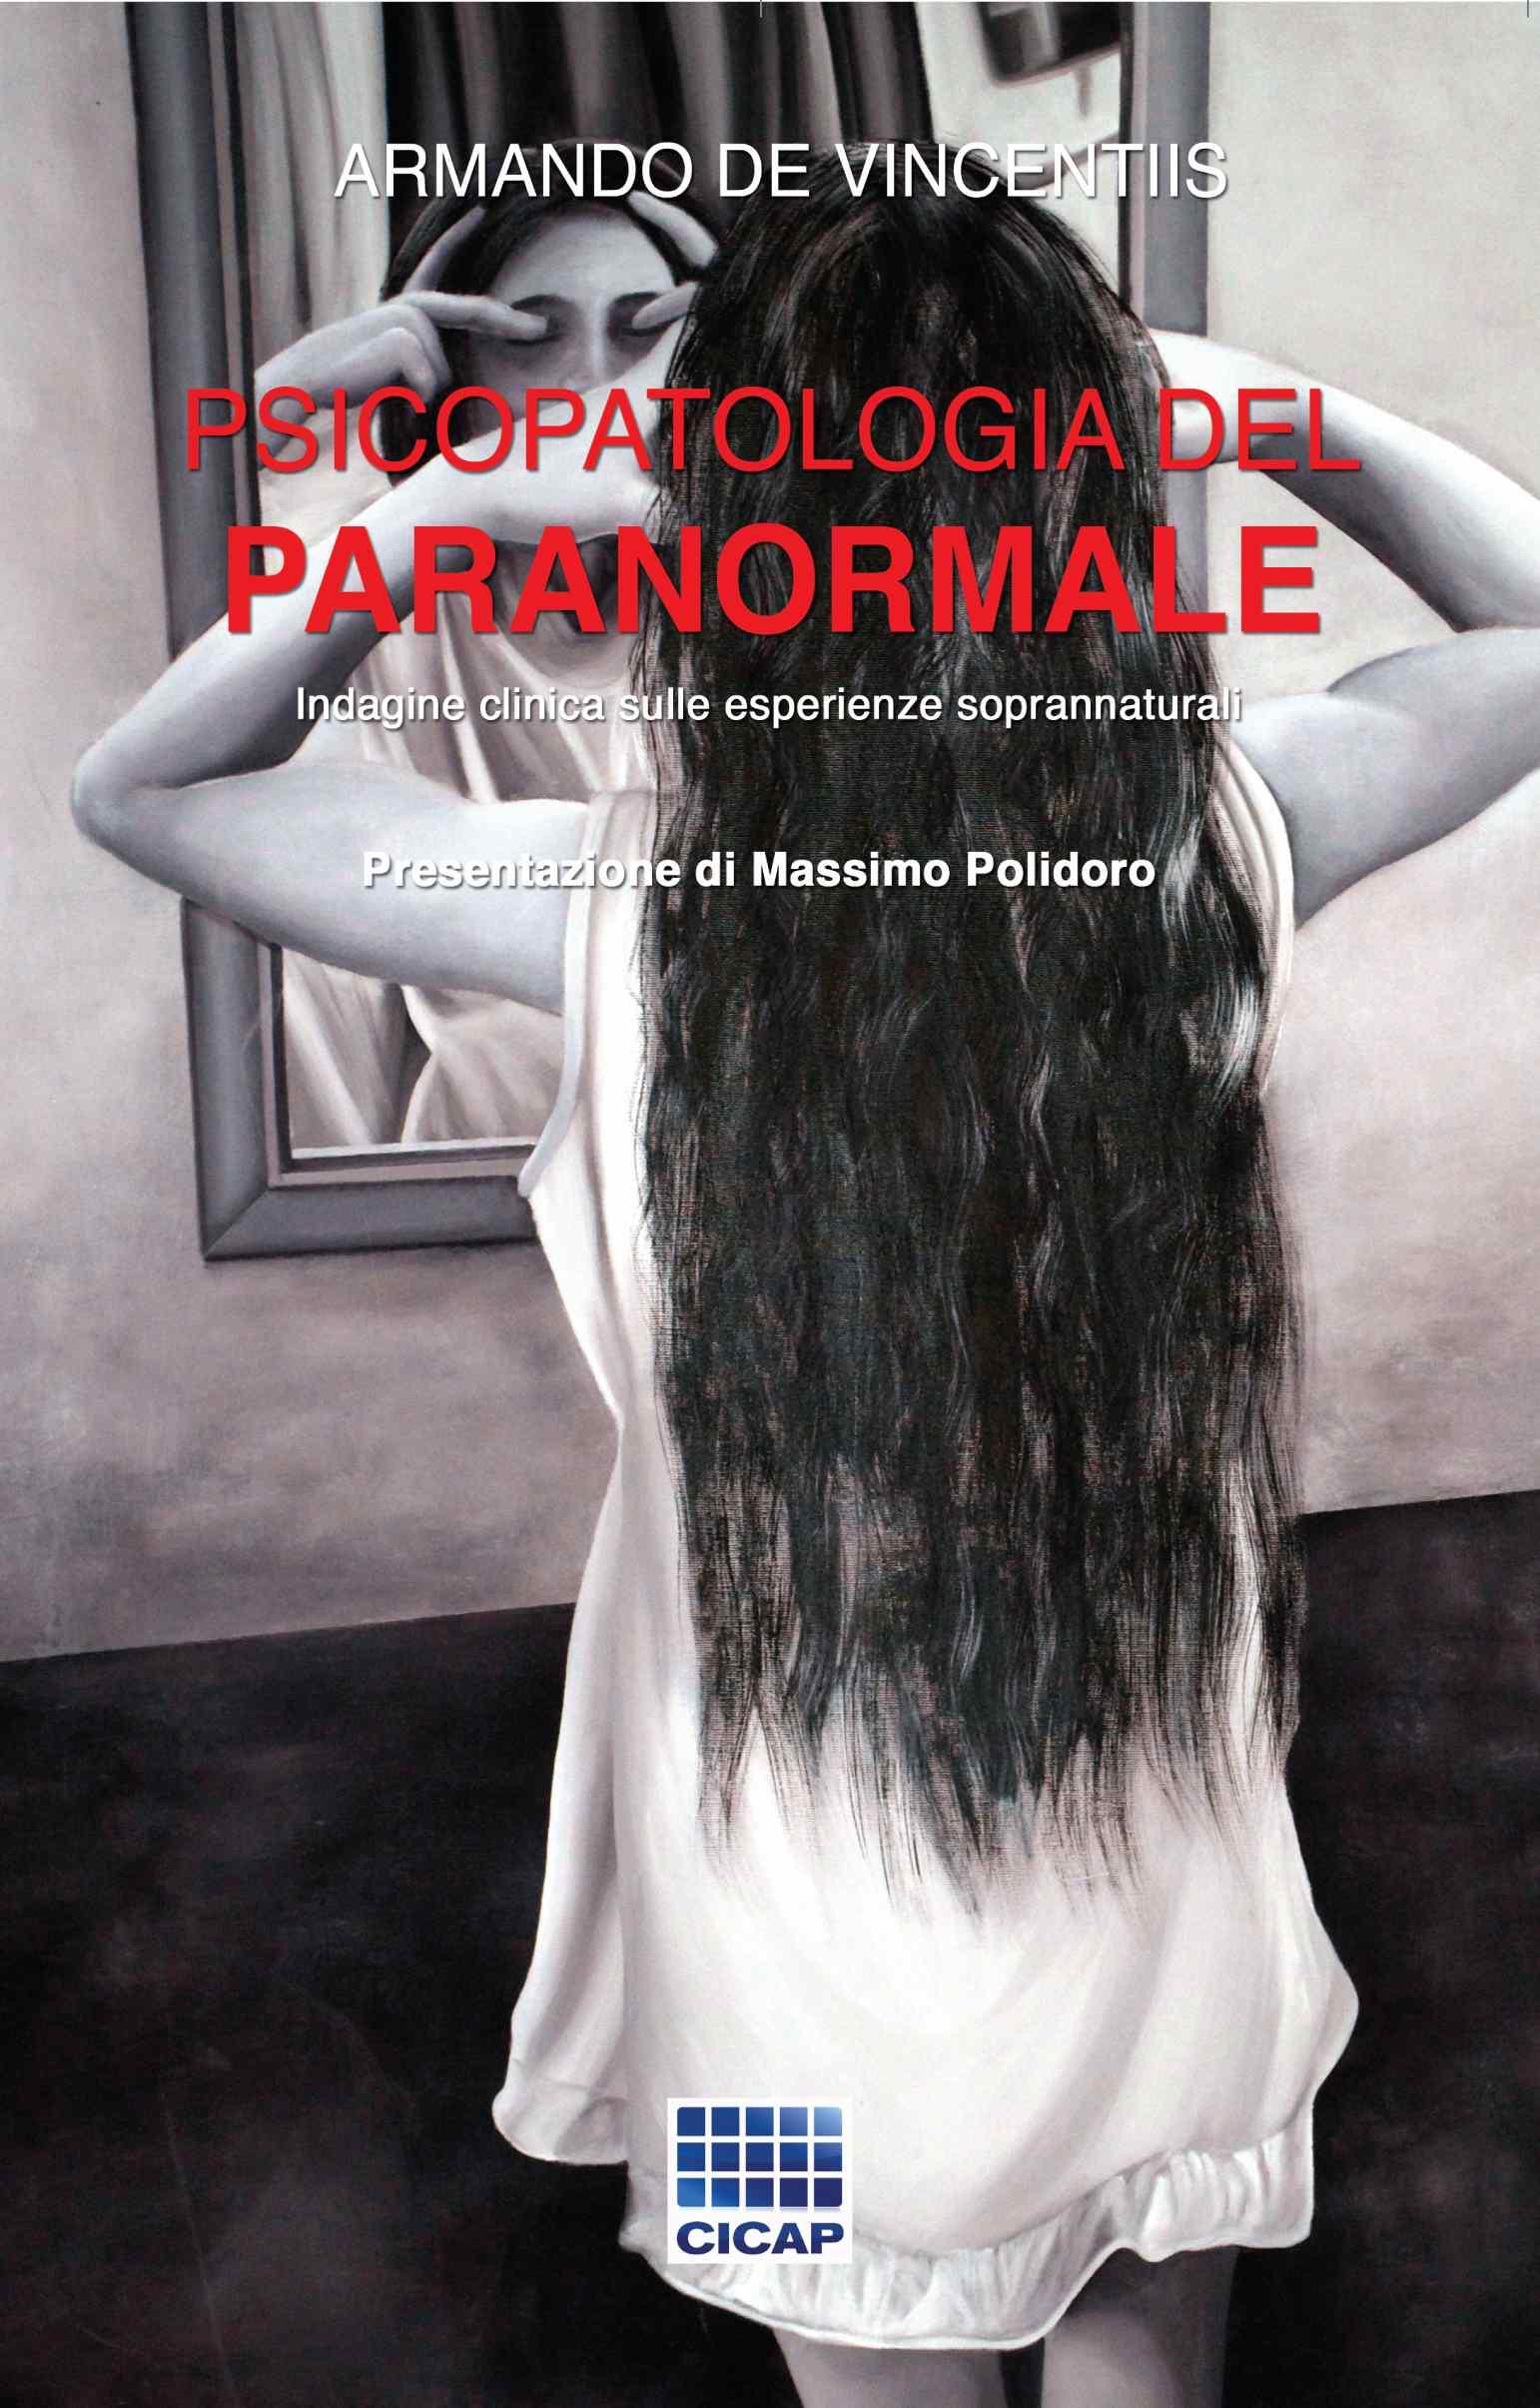 Psicopatologia del paranormale